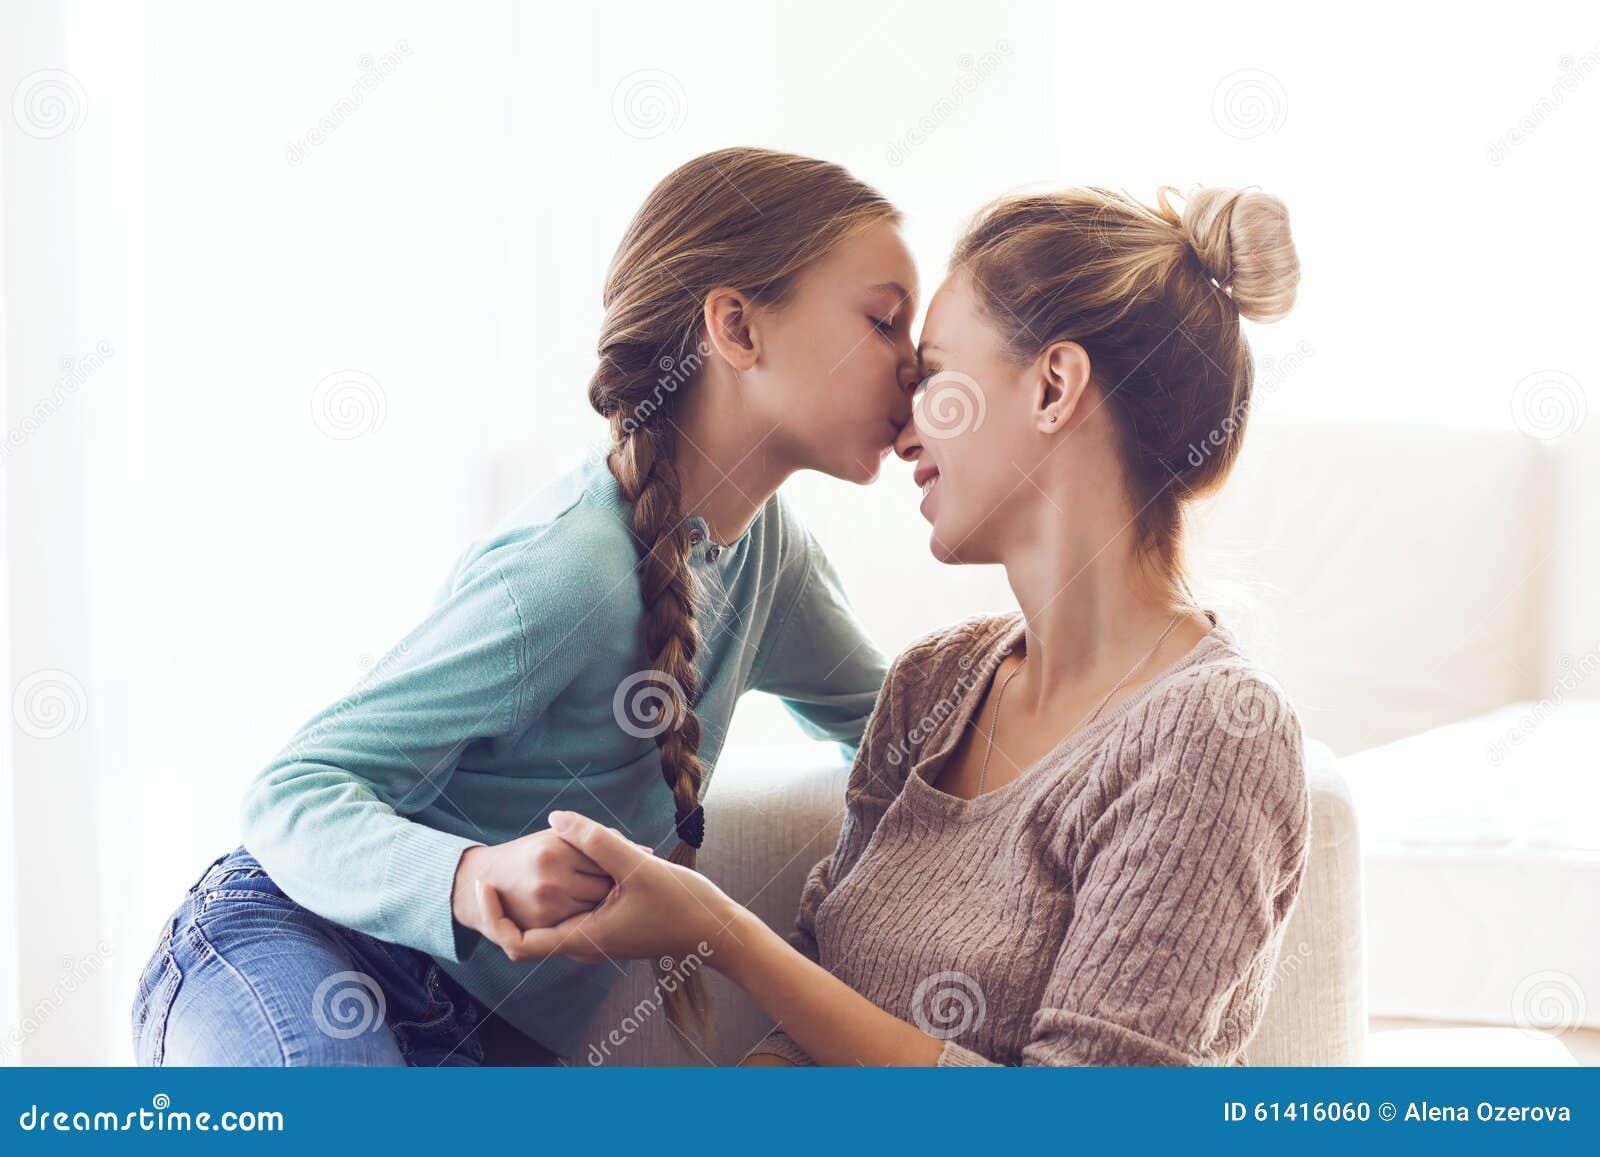 Mom Kissing Teen 47